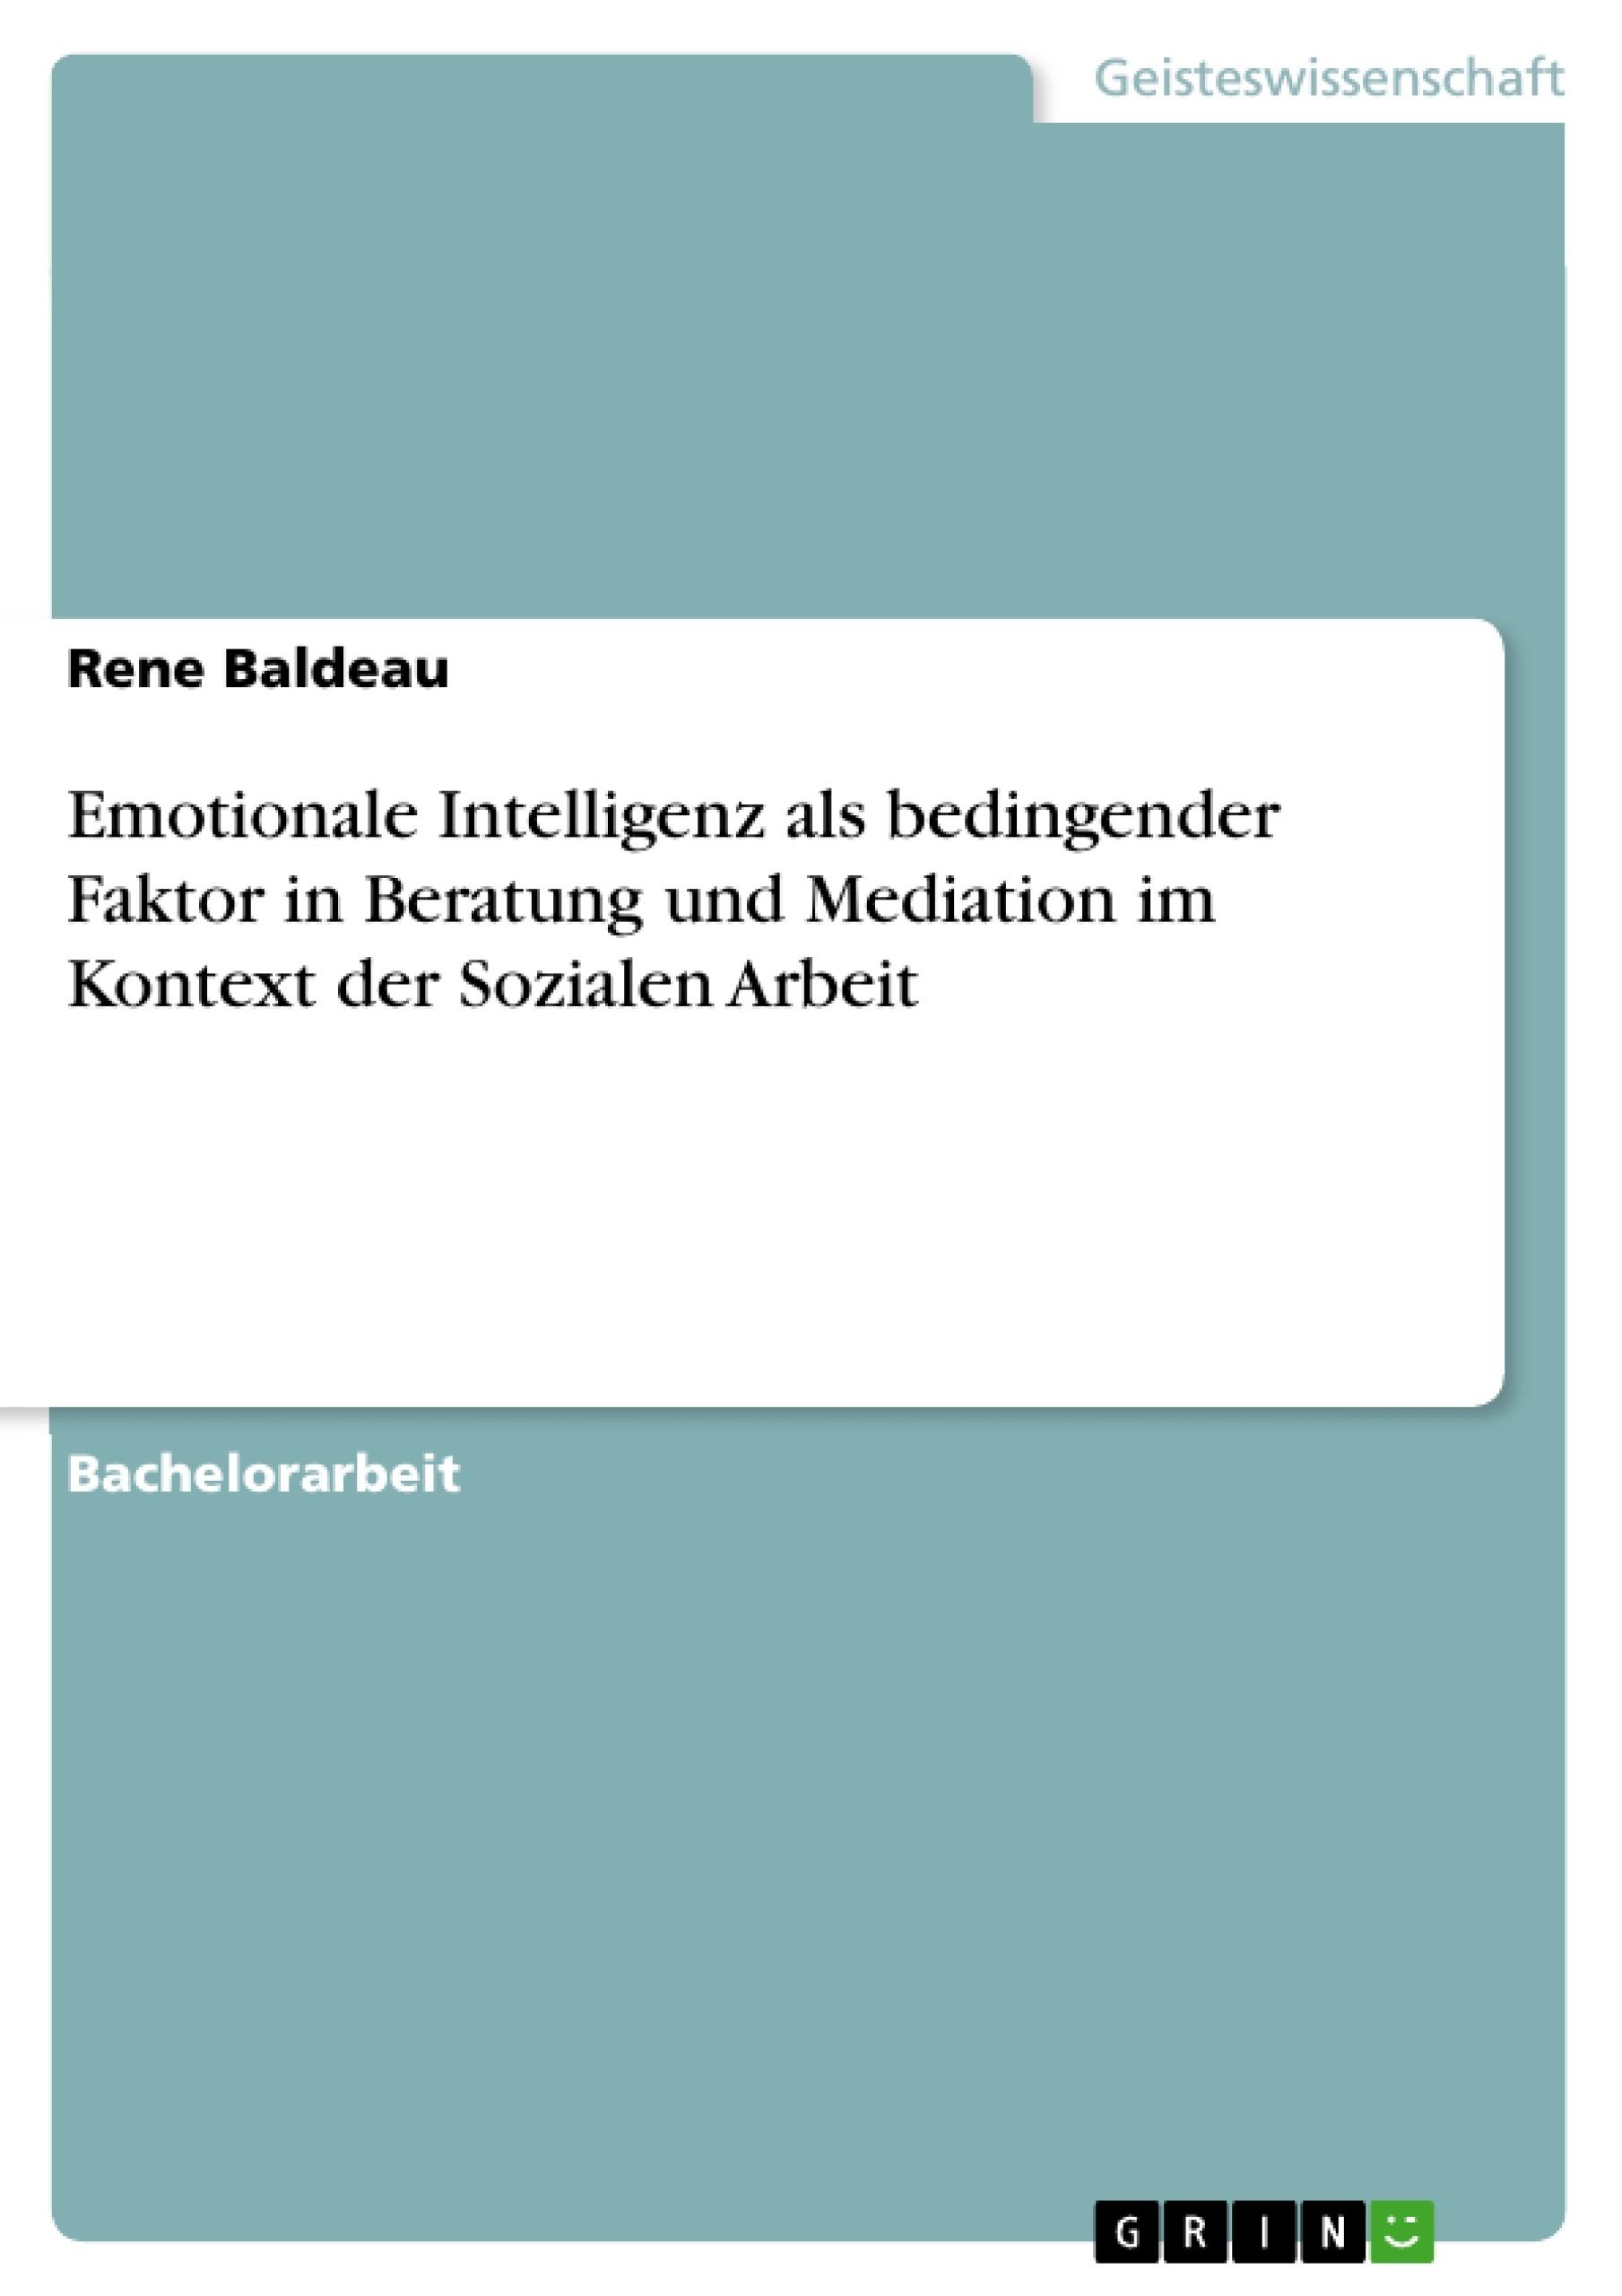 Titel: Emotionale Intelligenz als bedingender Faktor in Beratung und Mediation im Kontext der Sozialen Arbeit